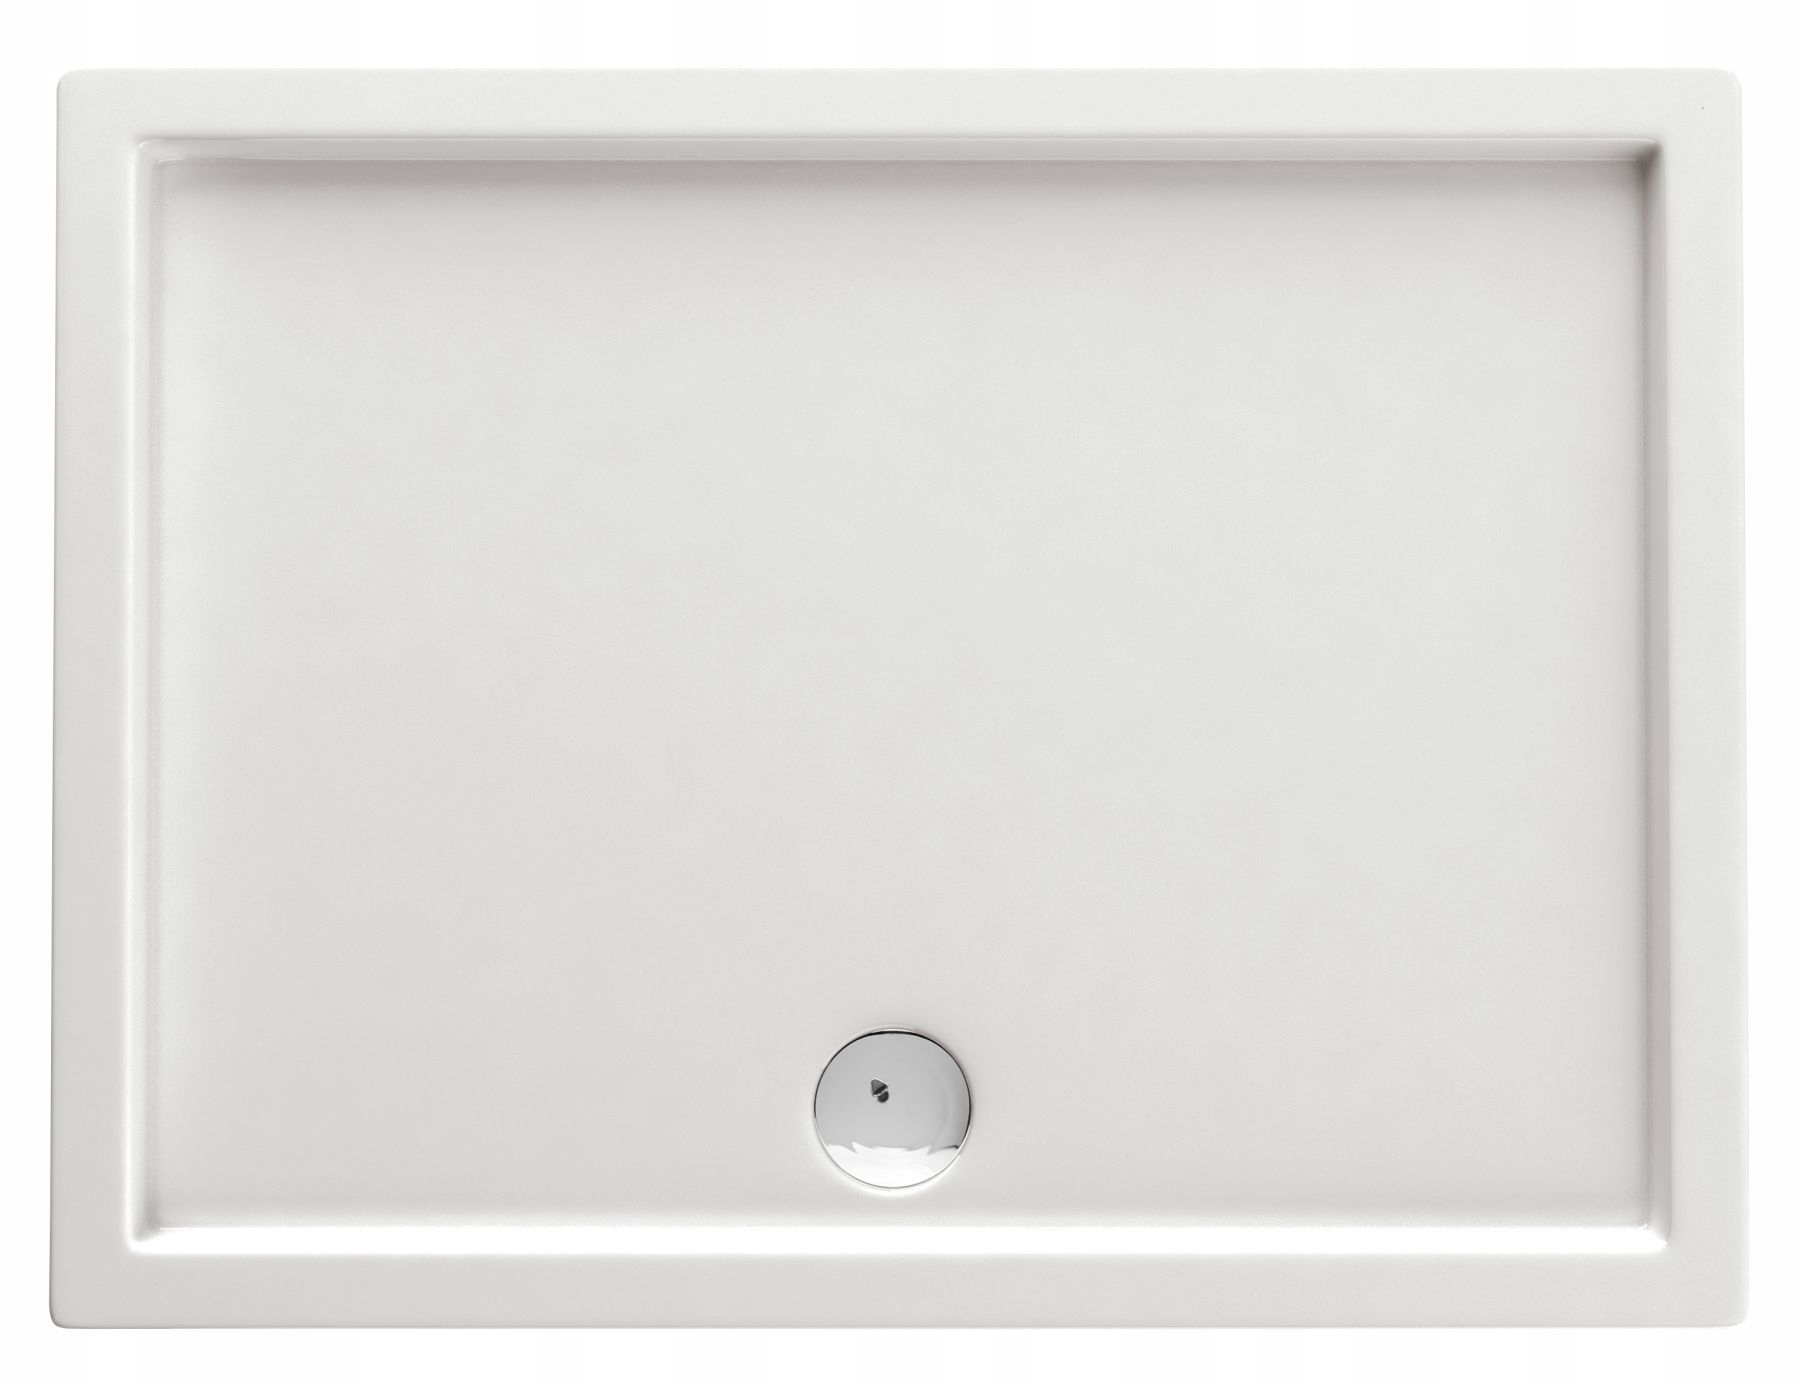 DEANTE MINIMÁLNY obdĺžnikový sprchový žľab 80x100 CM BIELY